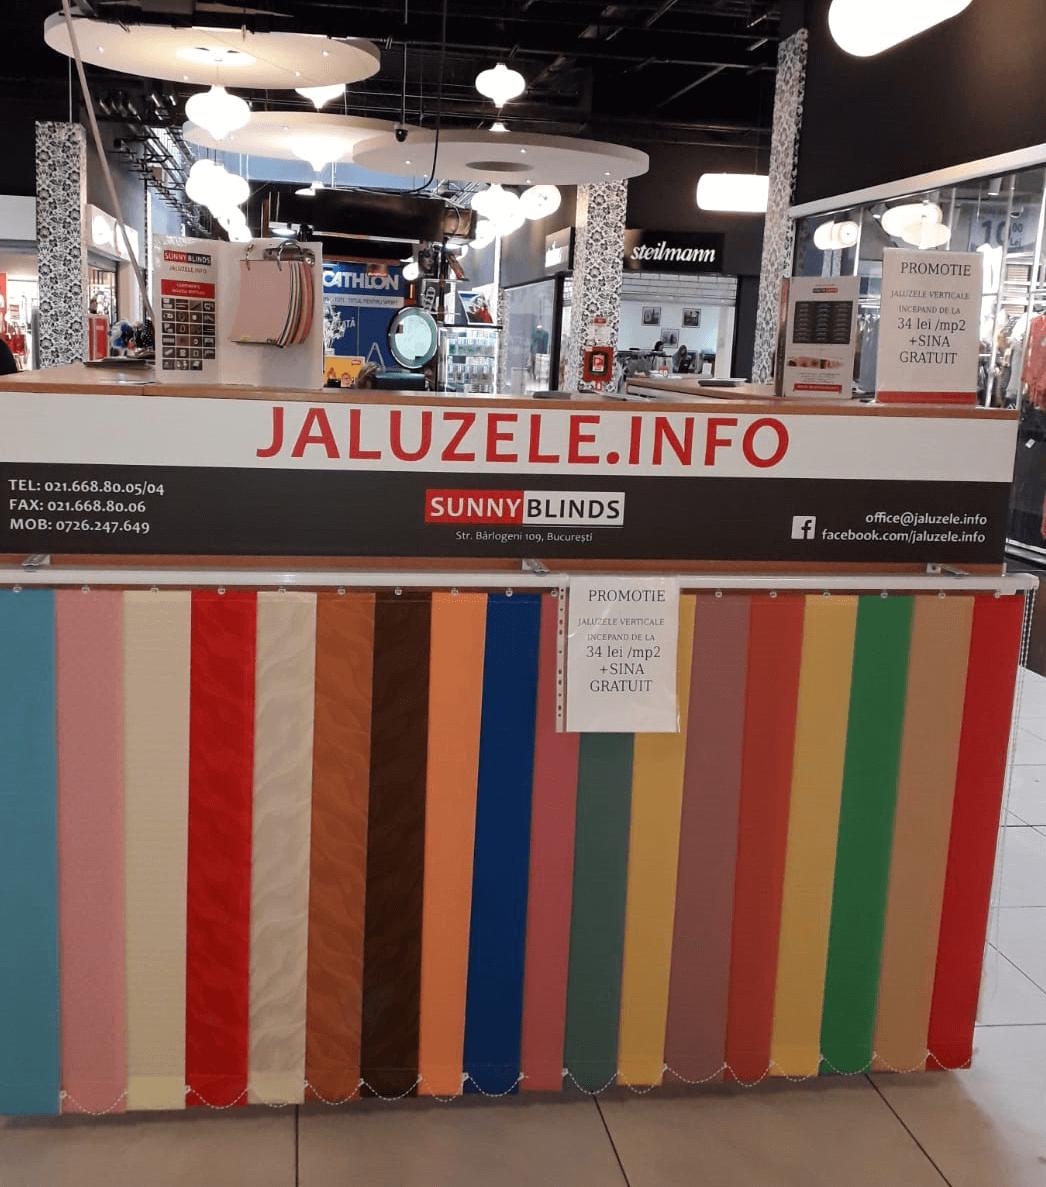 Auchan Bacau   Jaluzele verticale, romane, rolete